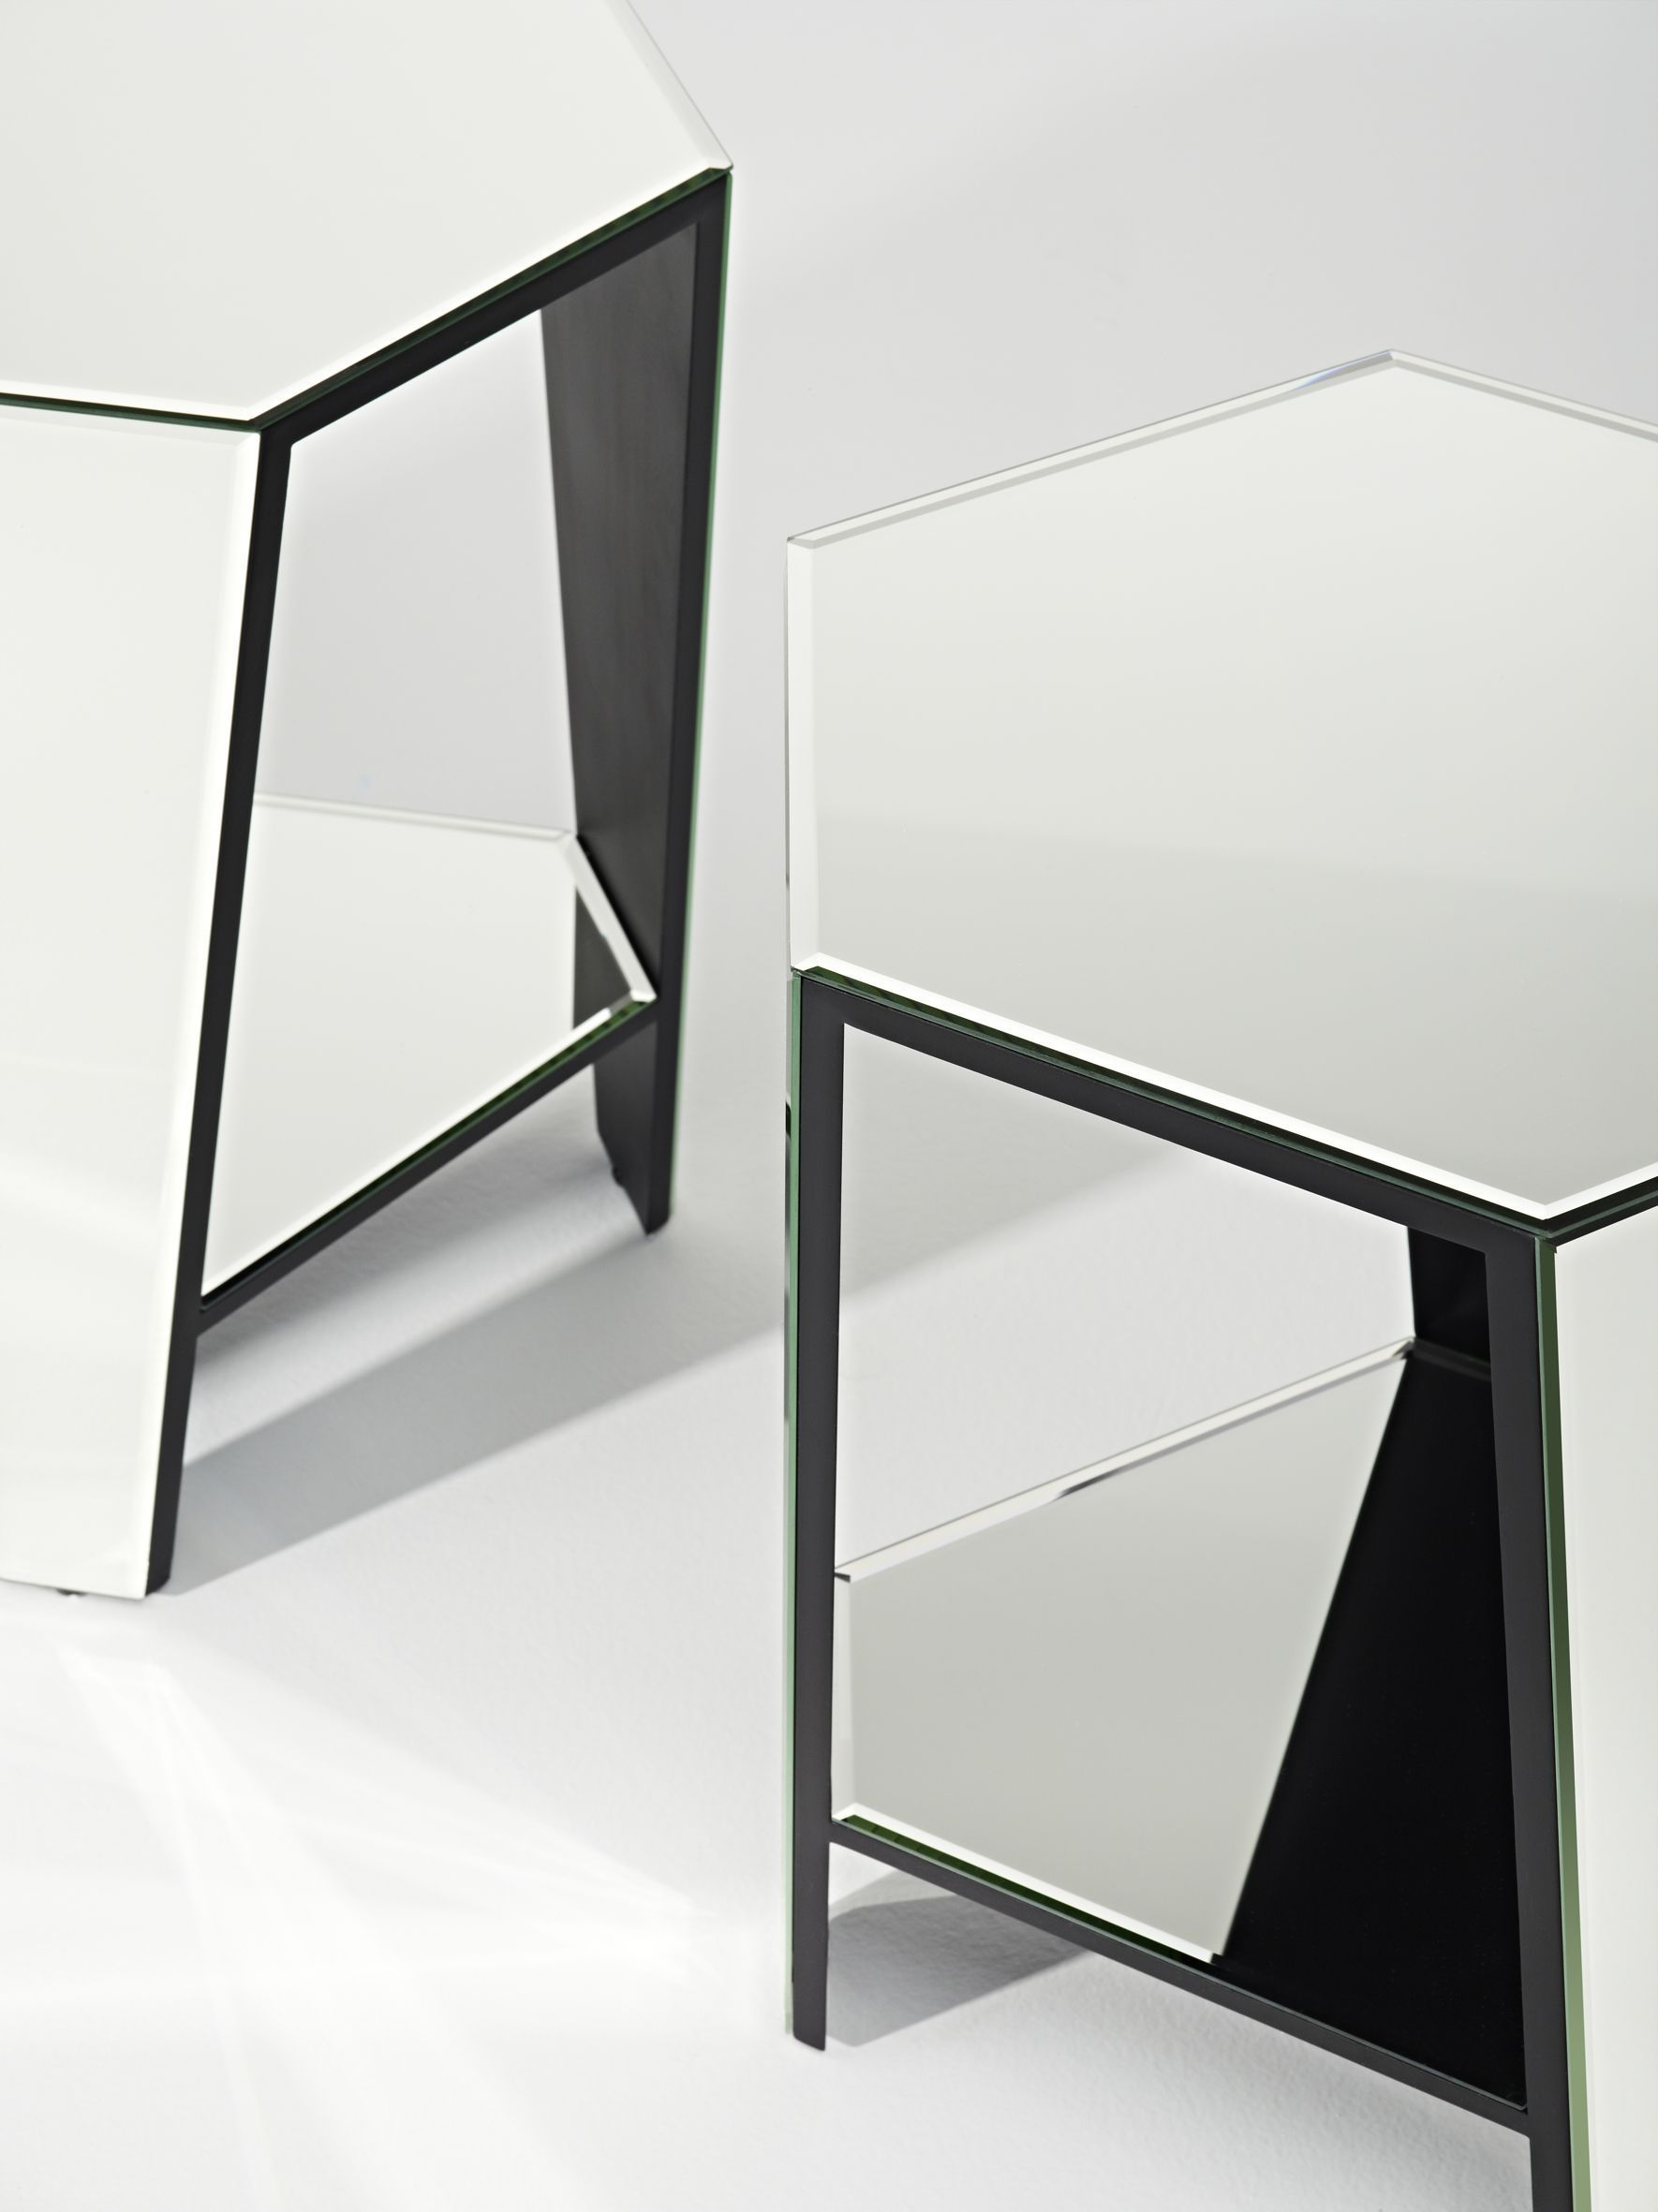 Spiegel-sauele-Detail-9093